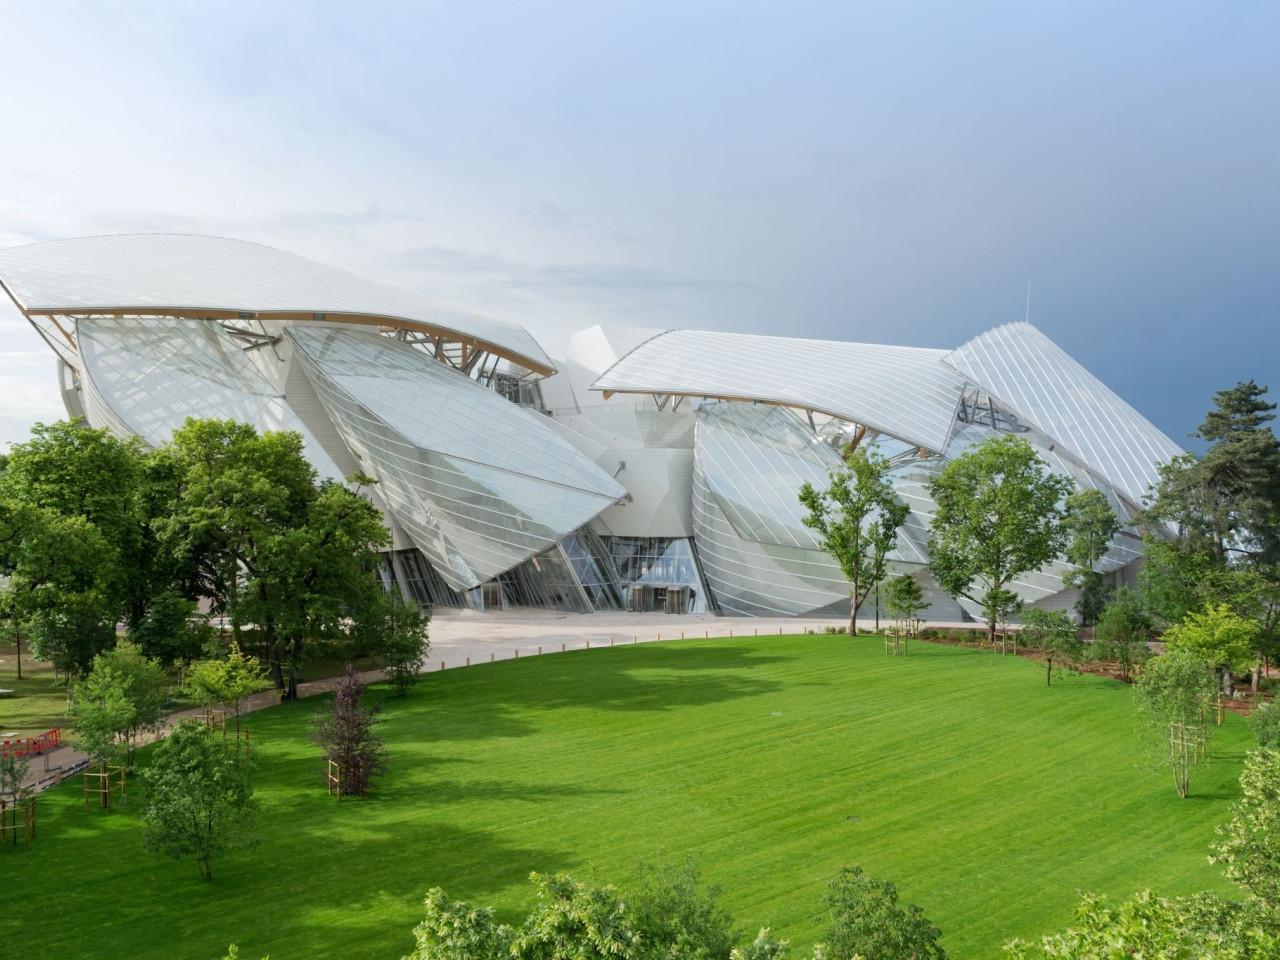 Fondazione Louis Vuitton Parigi, visita, info e biglietti - Parigi.it